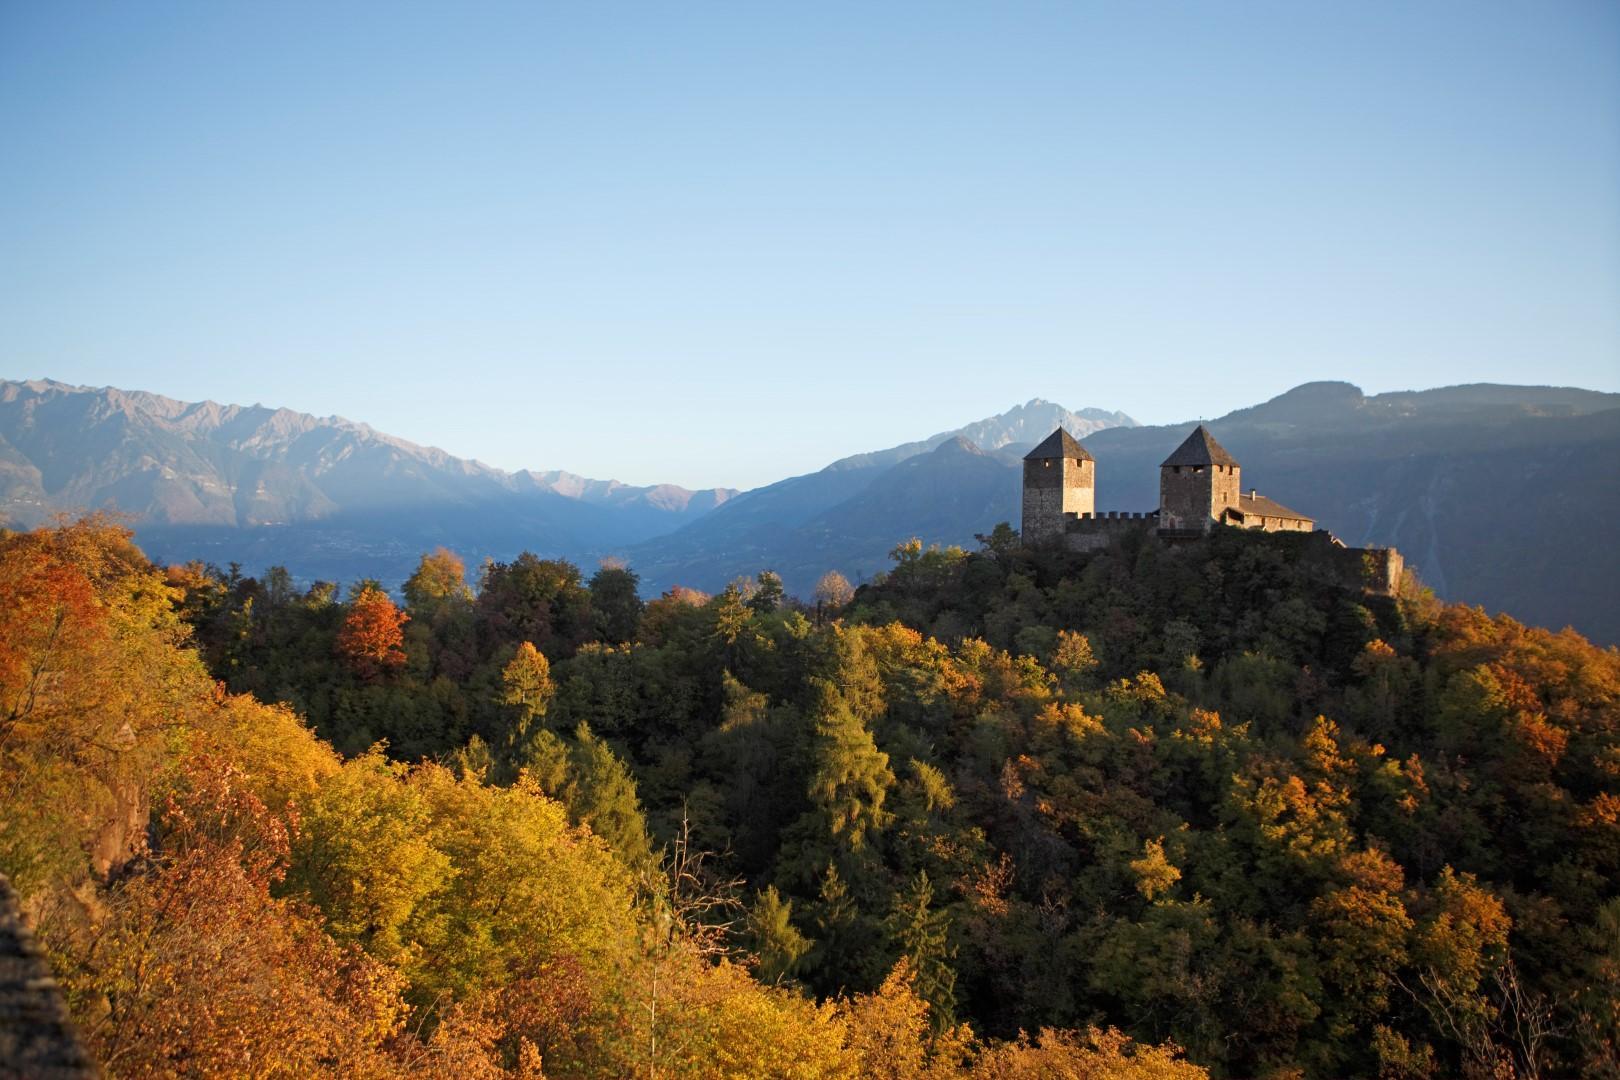 Magnifico autunno a Merano, tra colori ed eventi